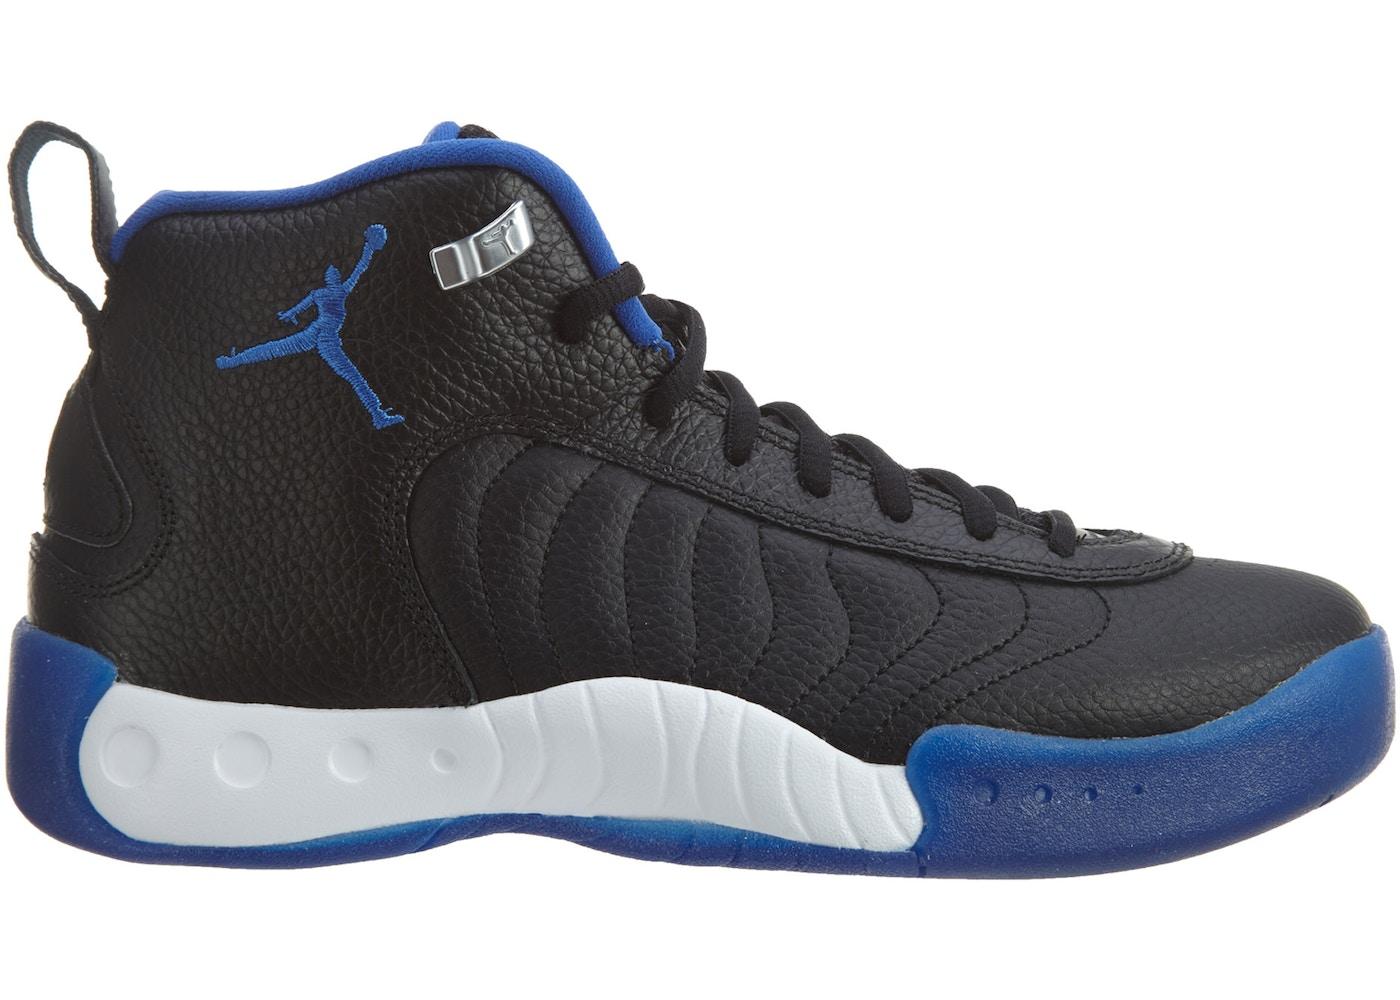 be06e0f269954 Jordan Jumpman Pro Black Varsity Royal - 906876-006